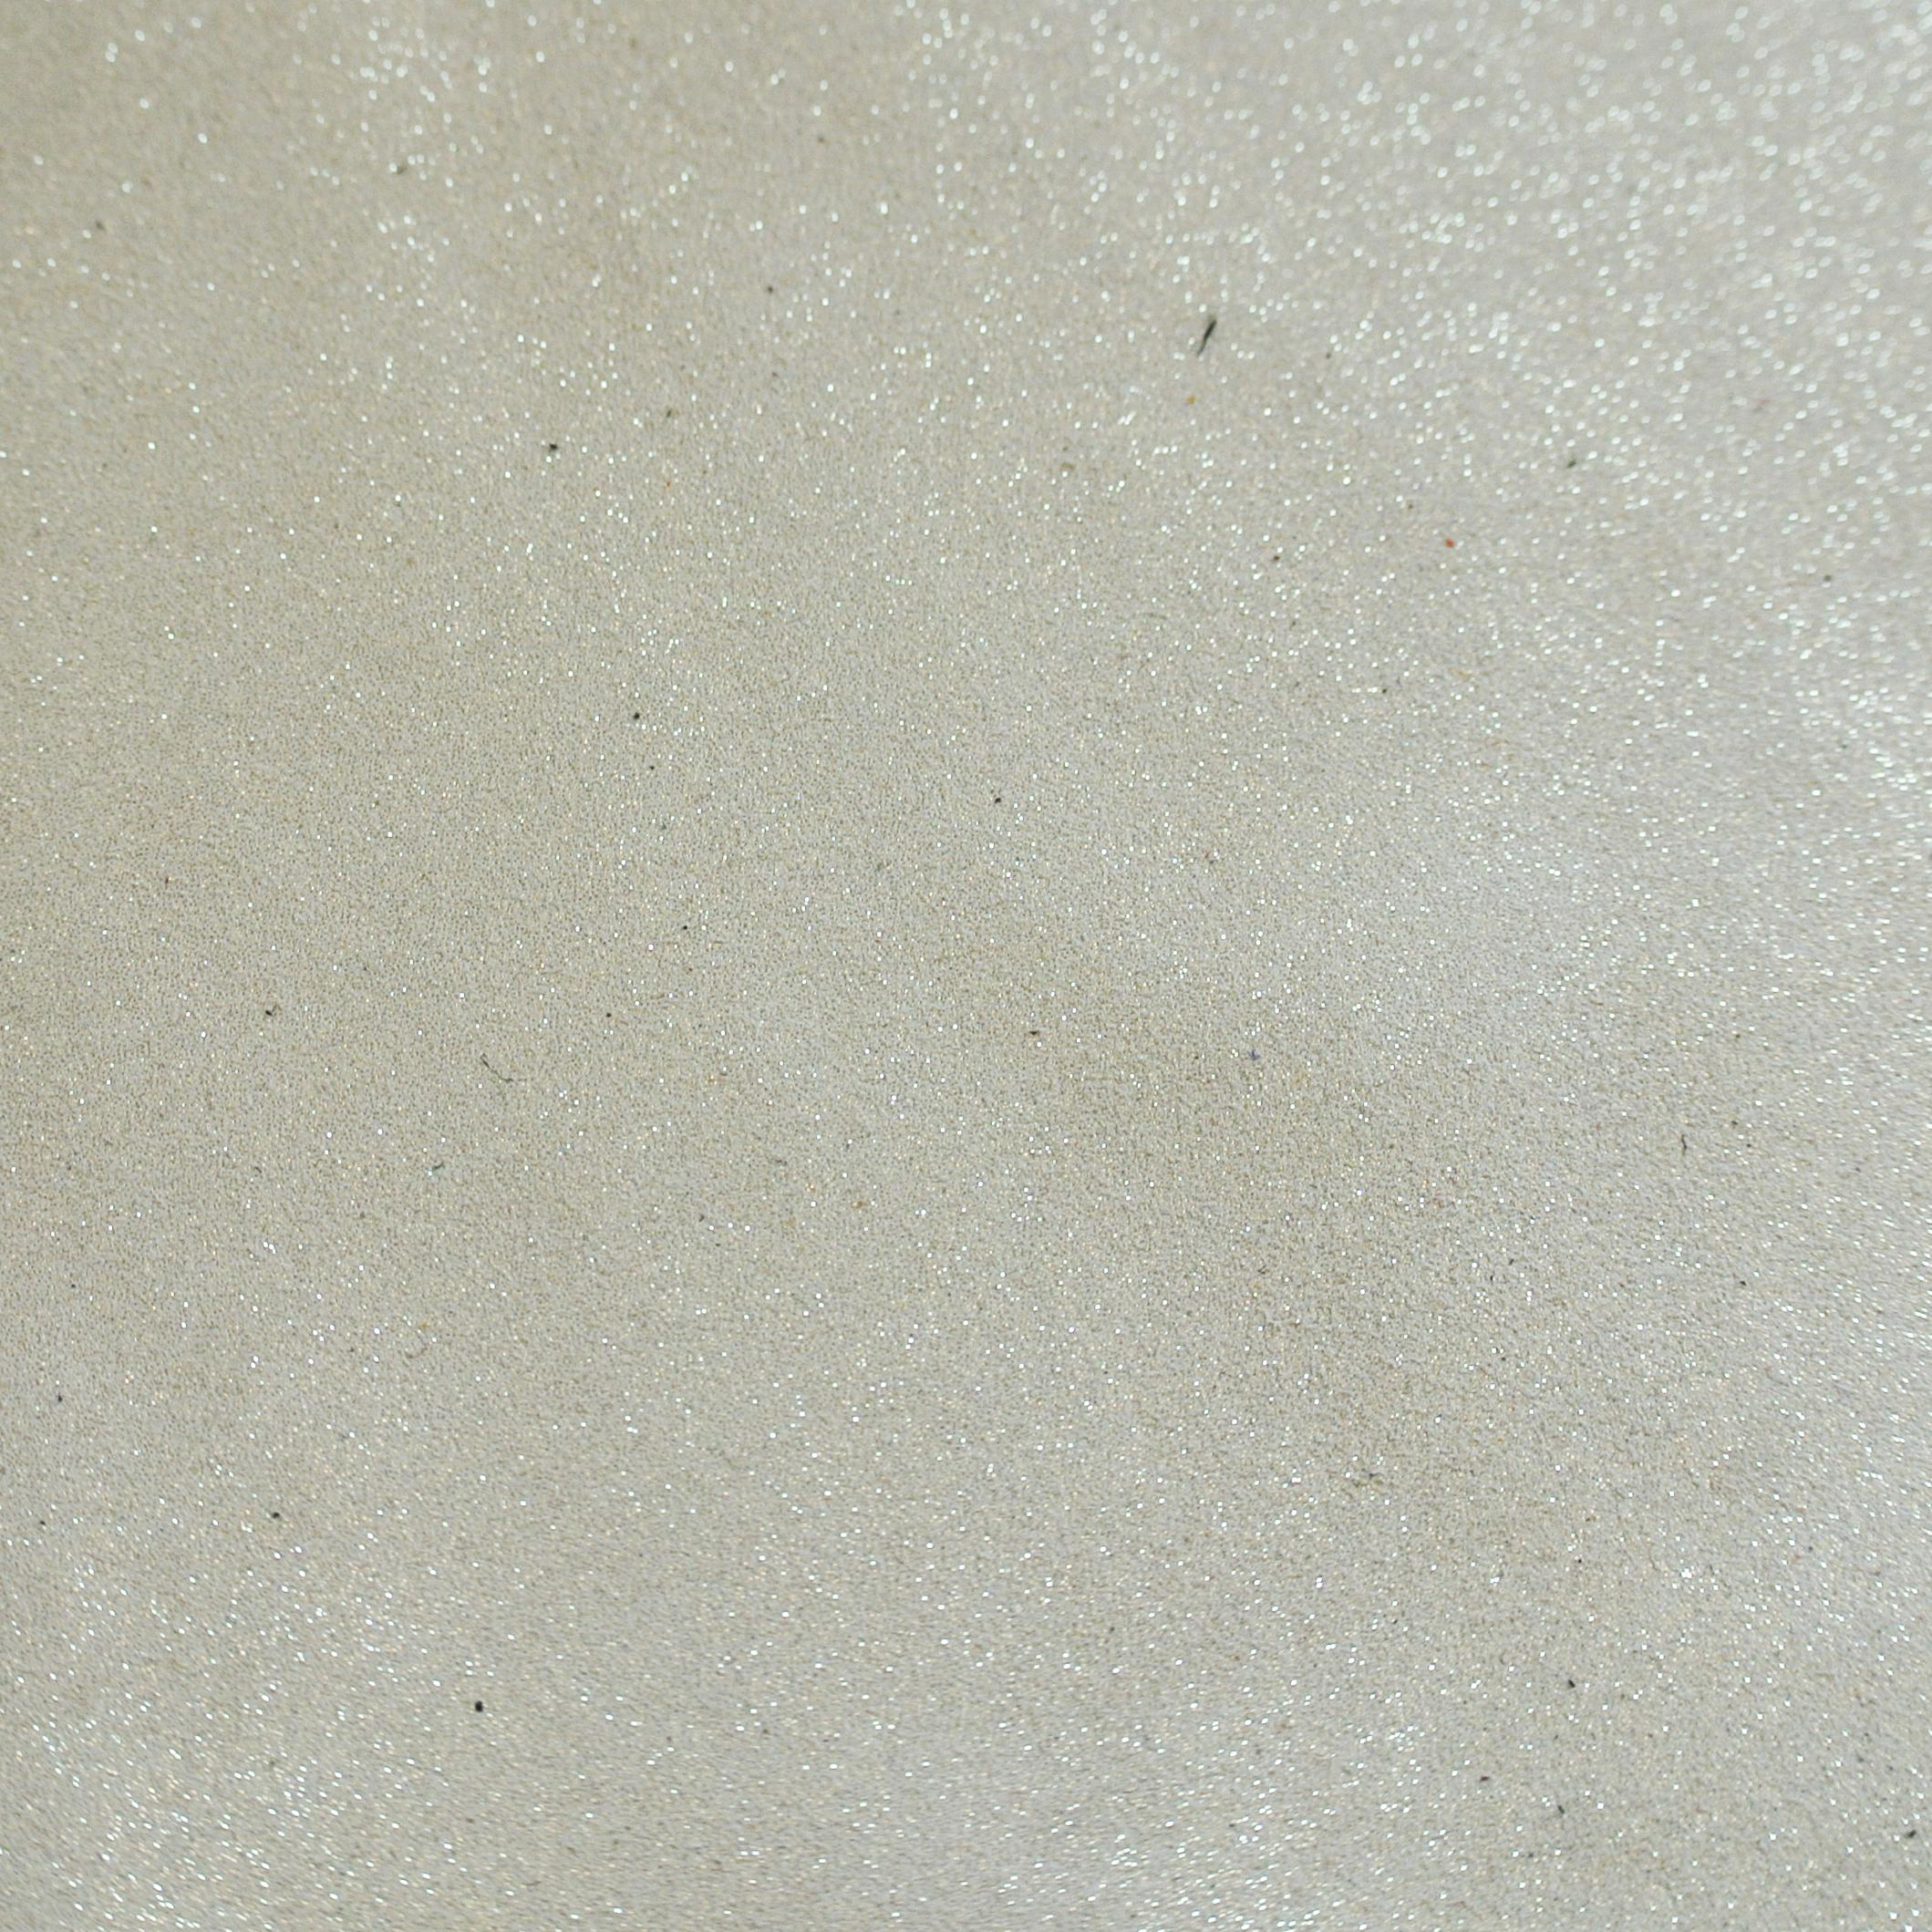 cuir-pailleté-pour-petite-marroquinerie-paillete-a-chaud-la-cartablière